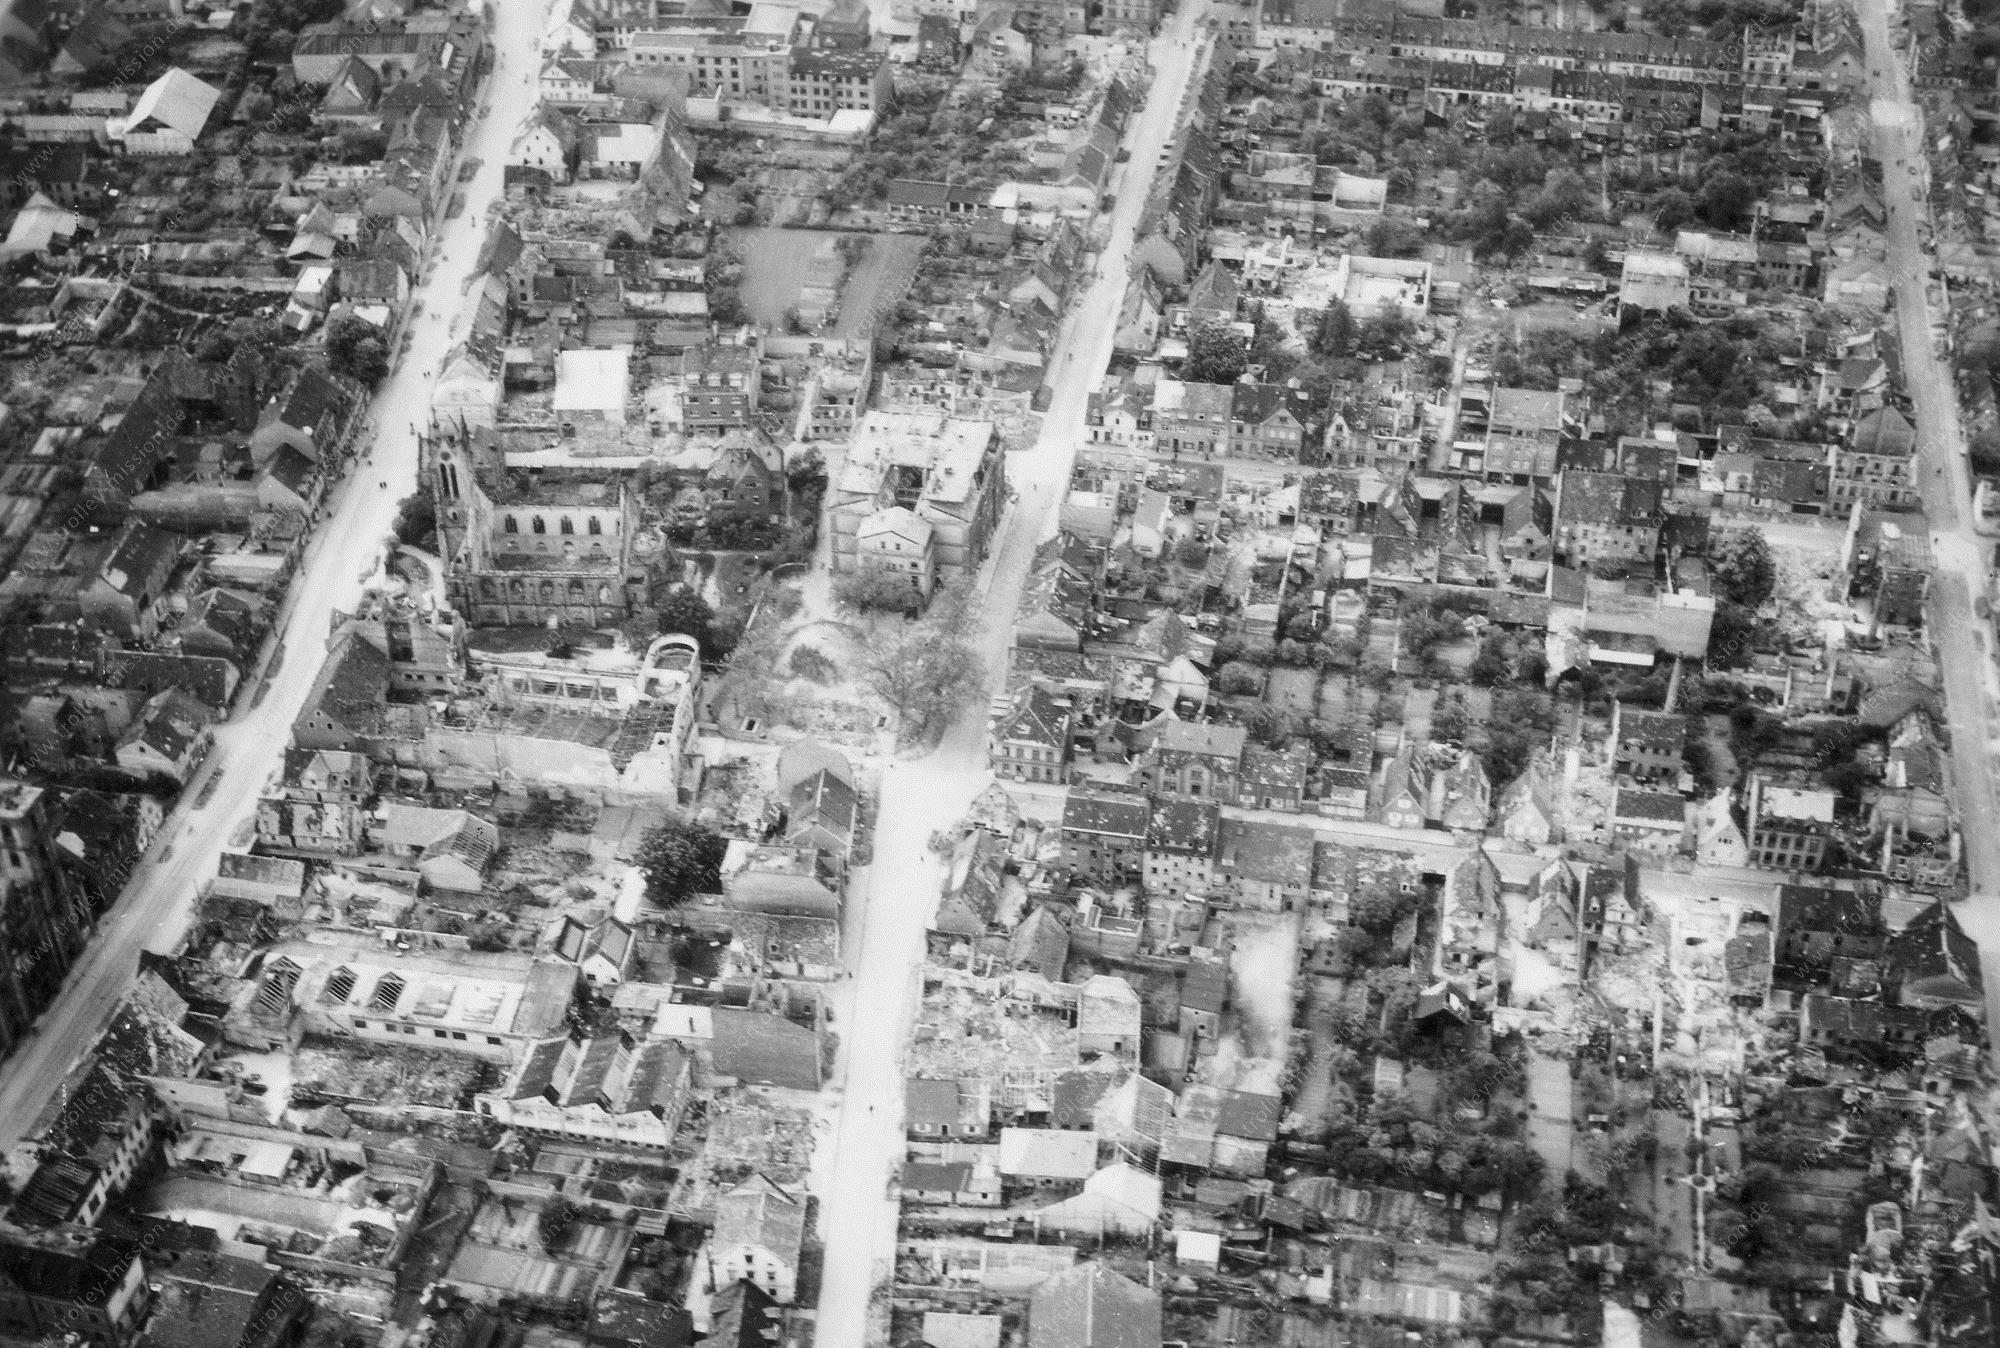 Unbekanntes Luftbild mit zwei Kirchen in einer Straße (Bild links, unten)